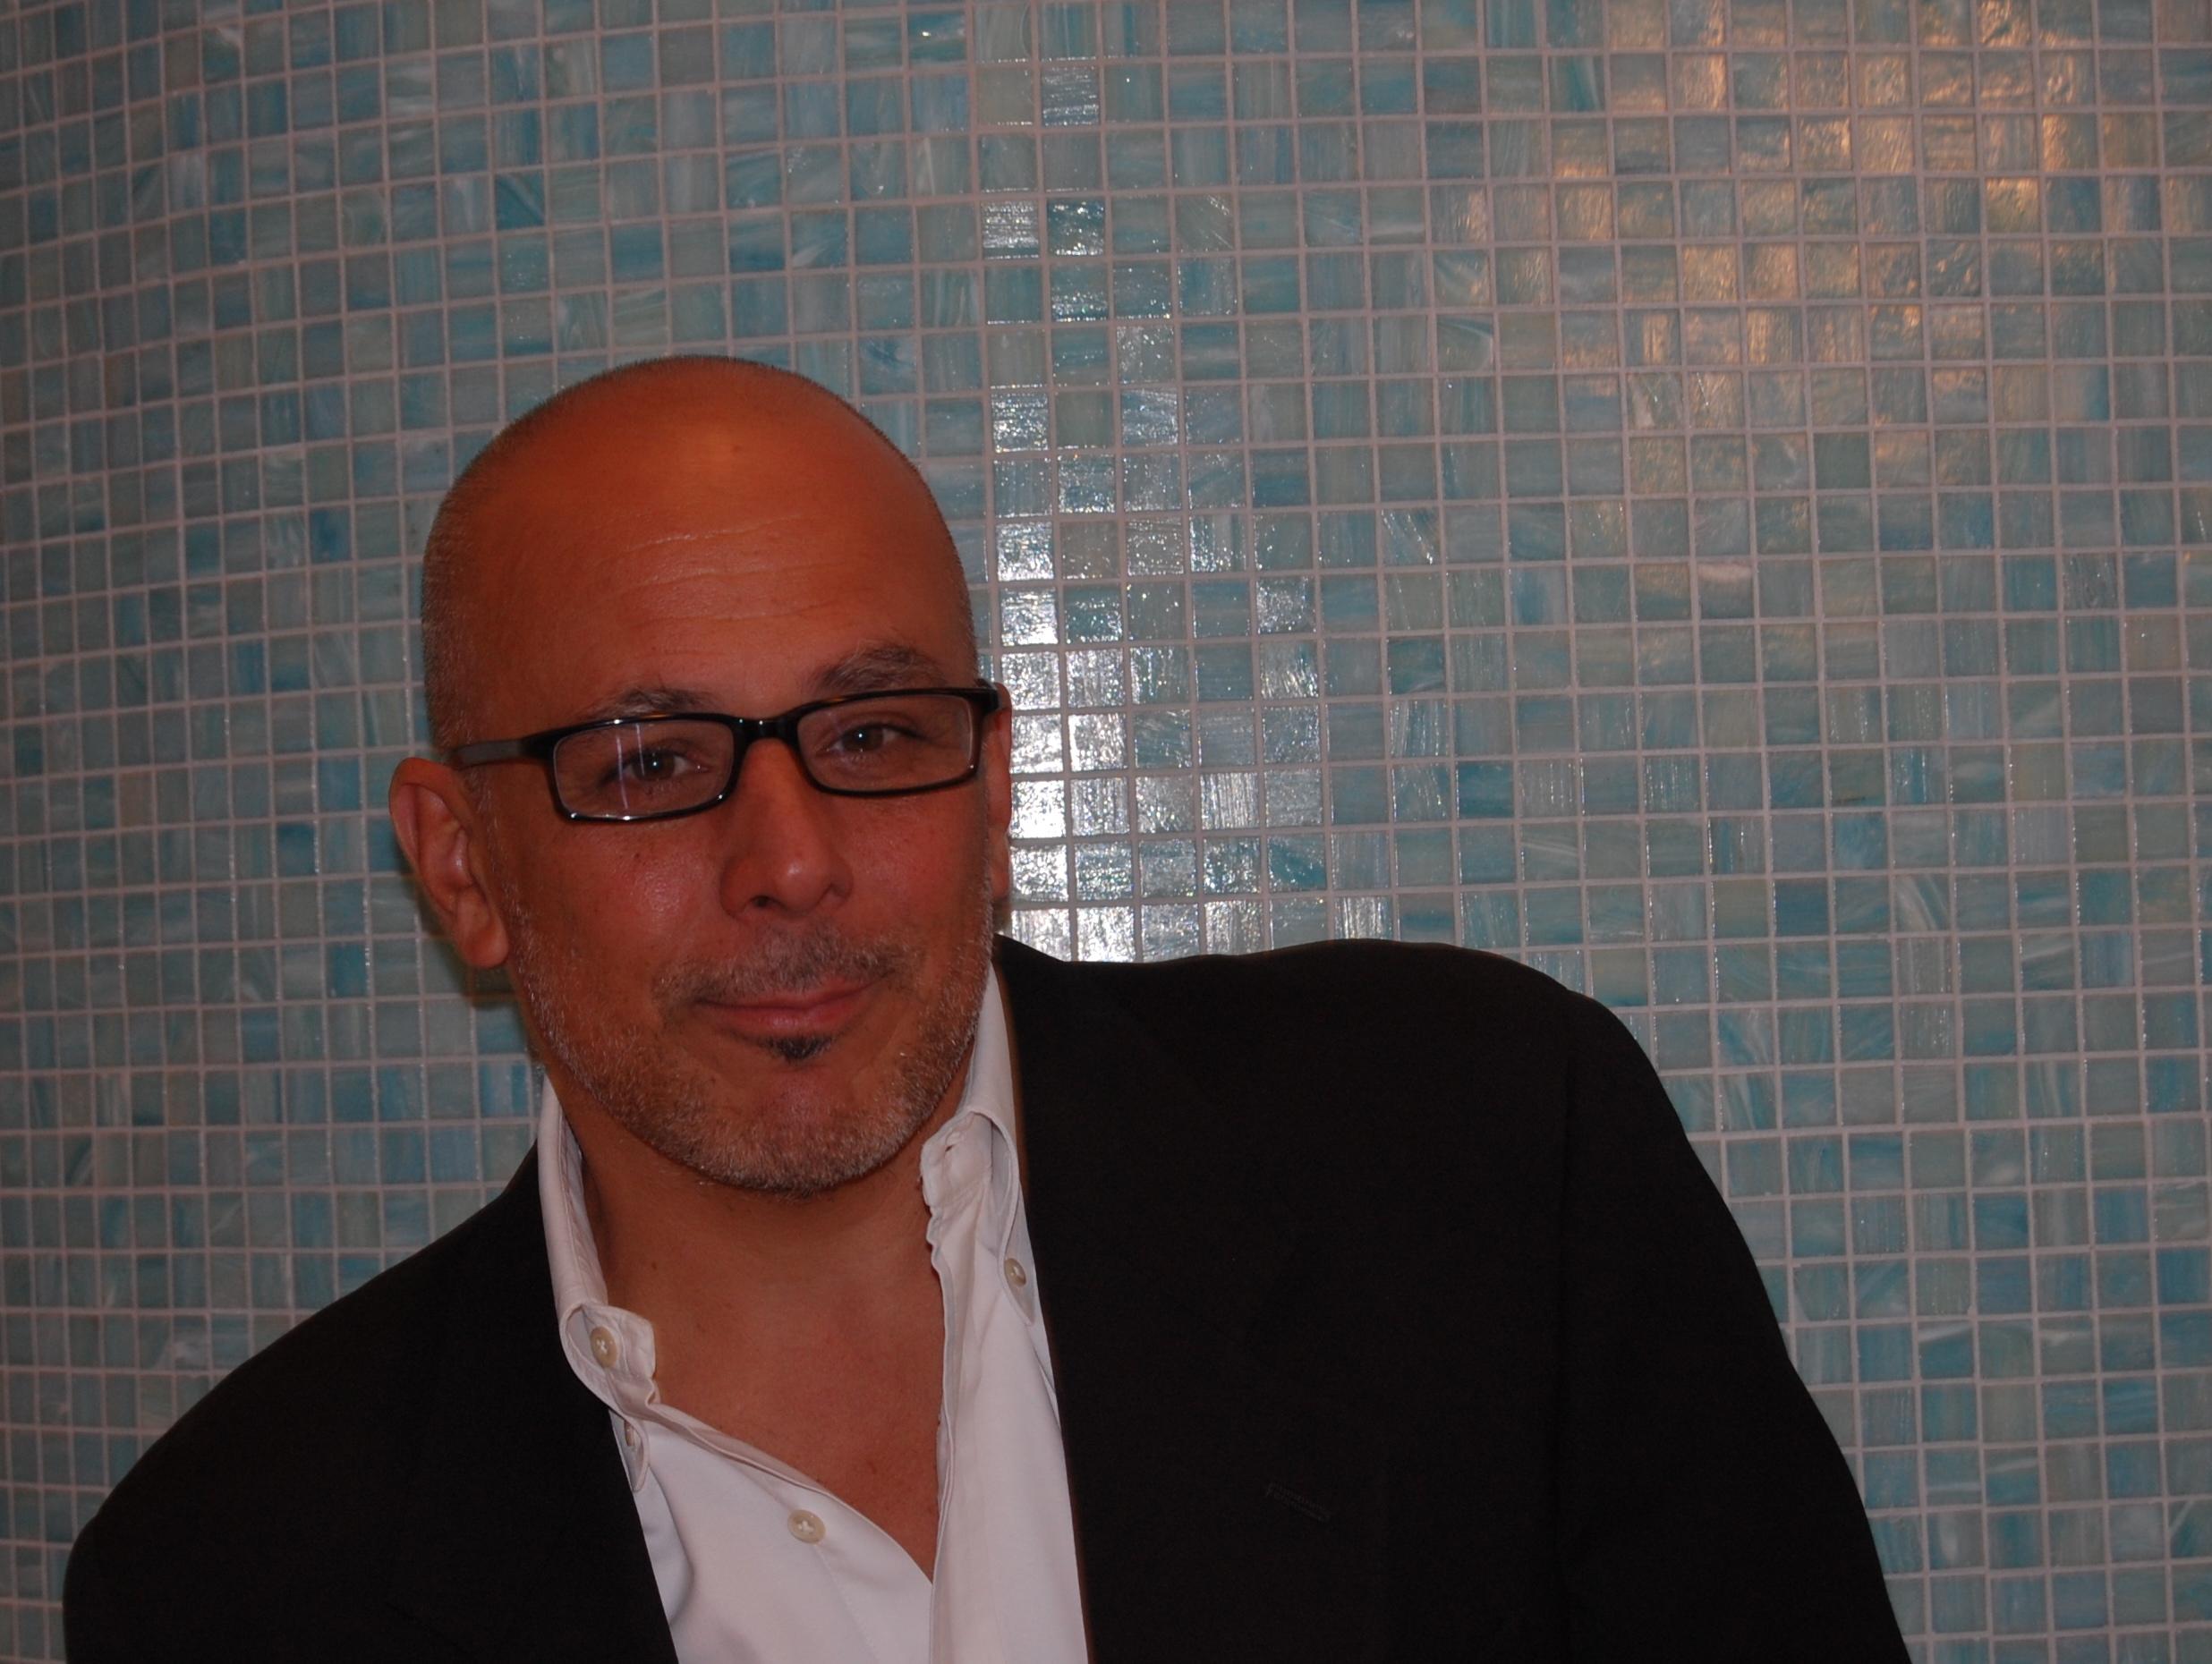 Anthony Uva